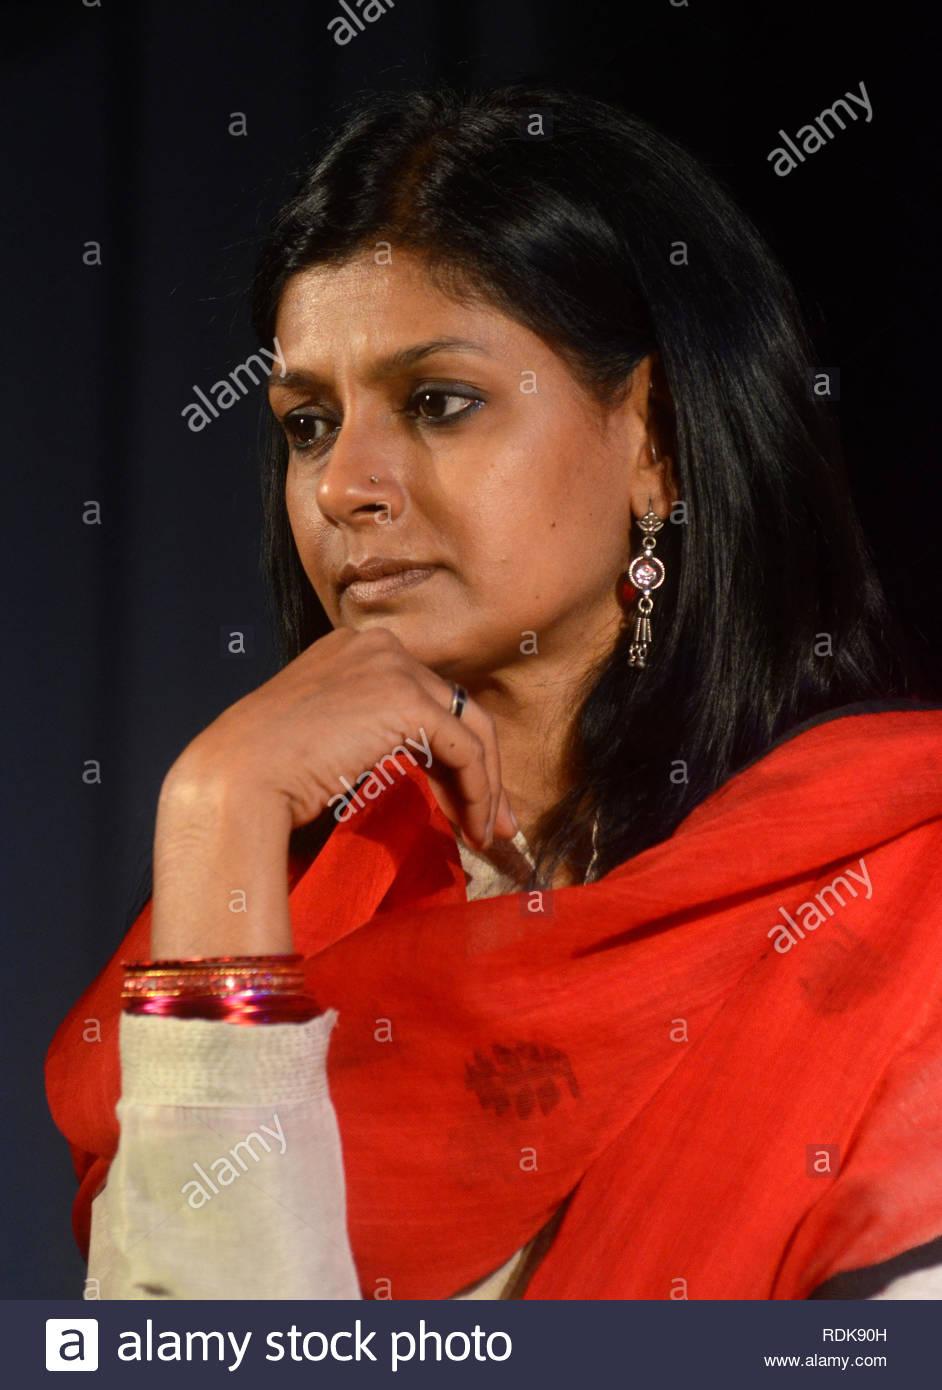 Attore di Bollywood Nandita Das durante il lancio di un movimento globale di 1 miliardi di euro in aumento con scarsa Box productions e Make-A-Differenza Foundation in Mumbai, India il 4 gennaio 2013. Rinomato in tutto il mondo il drammaturgo e anti-violenza attivista Eve Ensler Tony (non in foto) ha lanciato il movimento dall India per rigenerarsi e riorientare le risorse a livello globale e l'attenzione sulla piaga della violenza contro le donne. (Shripad Naik/immagini Solaris) Immagini Stock